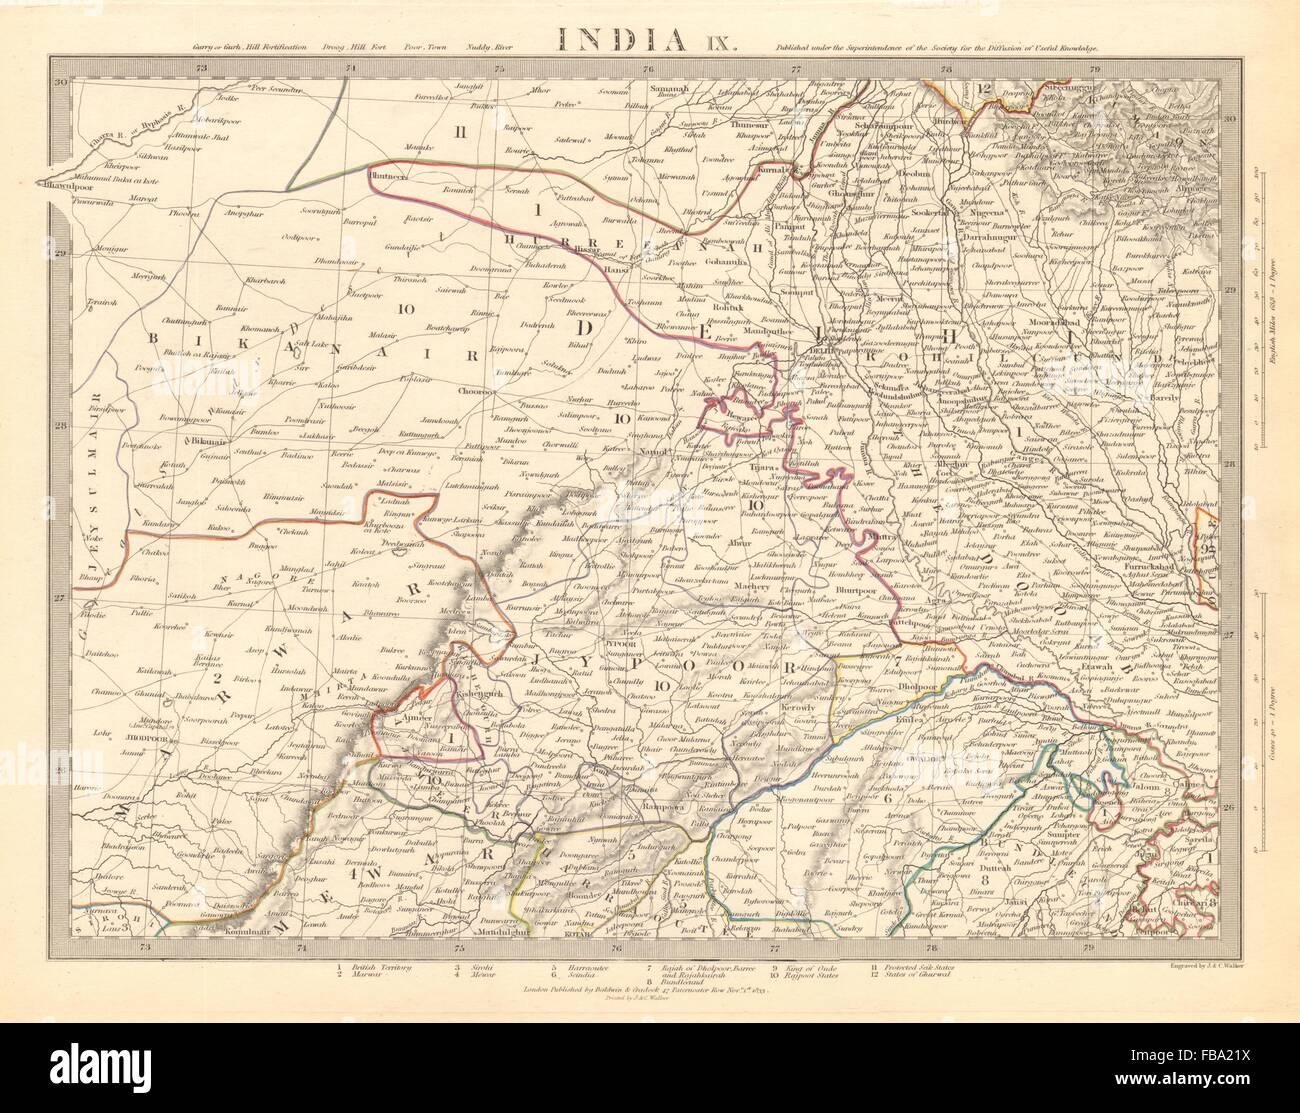 RAJASTHAN India Delhi Jaipur Marwar Bikaner Mewar Bundelkhand